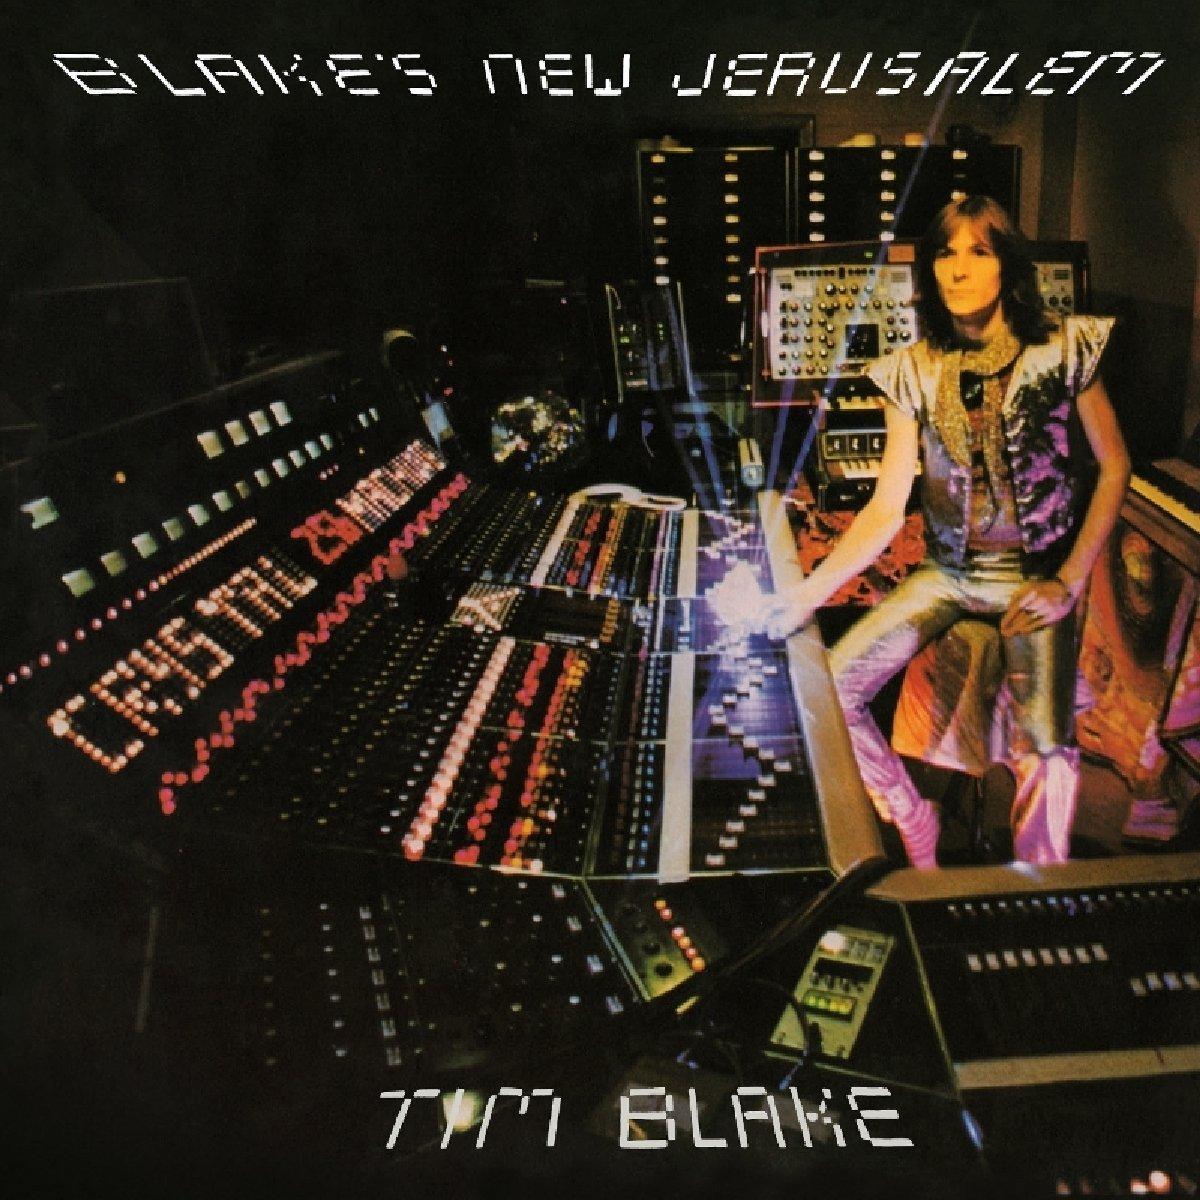 TIM BLAKE - Blake's New Jerusalem - CD